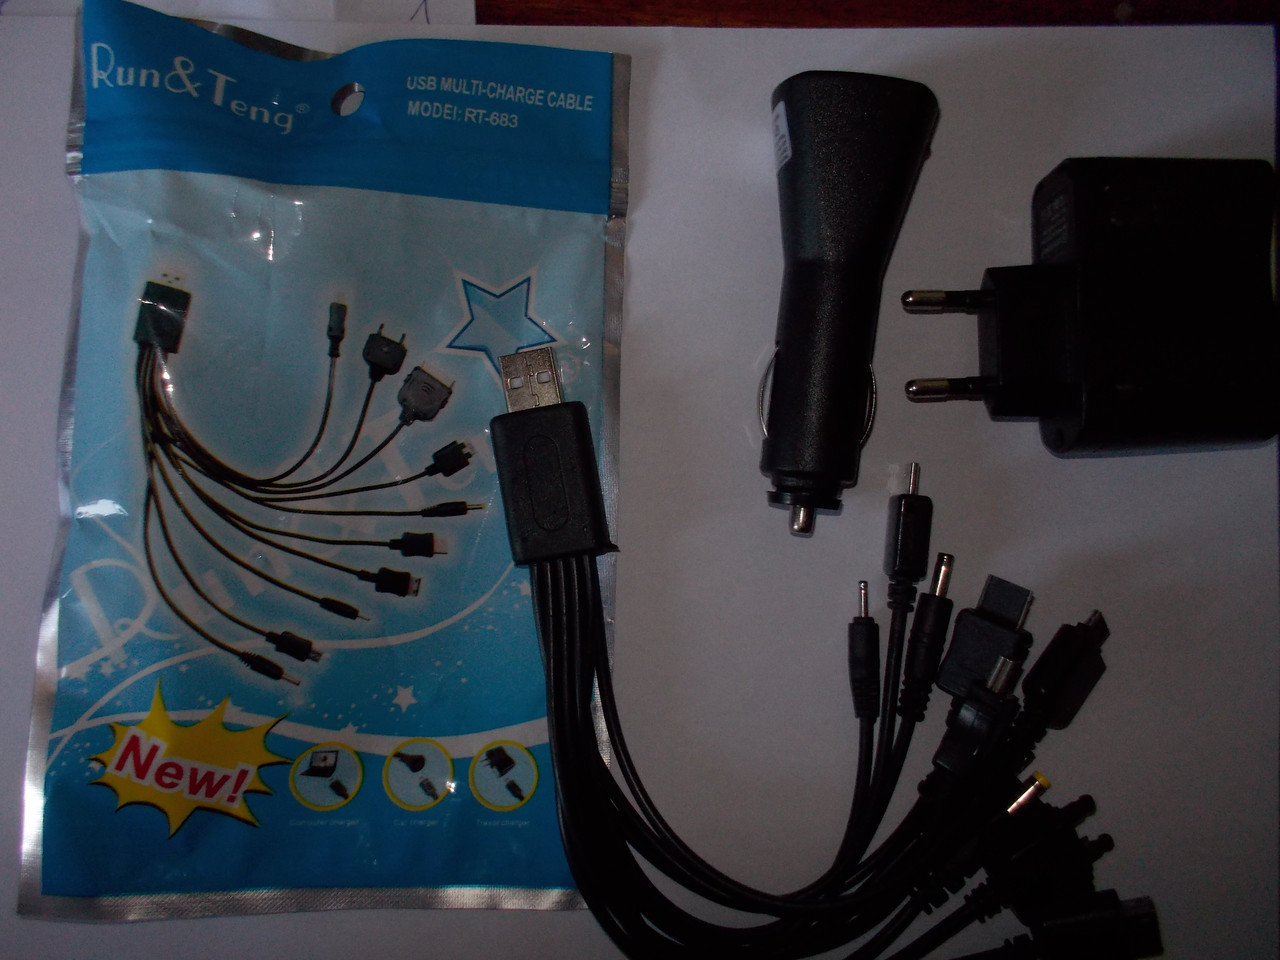 Универсальная зарядка для телефонов 10 в 1 mobi charge